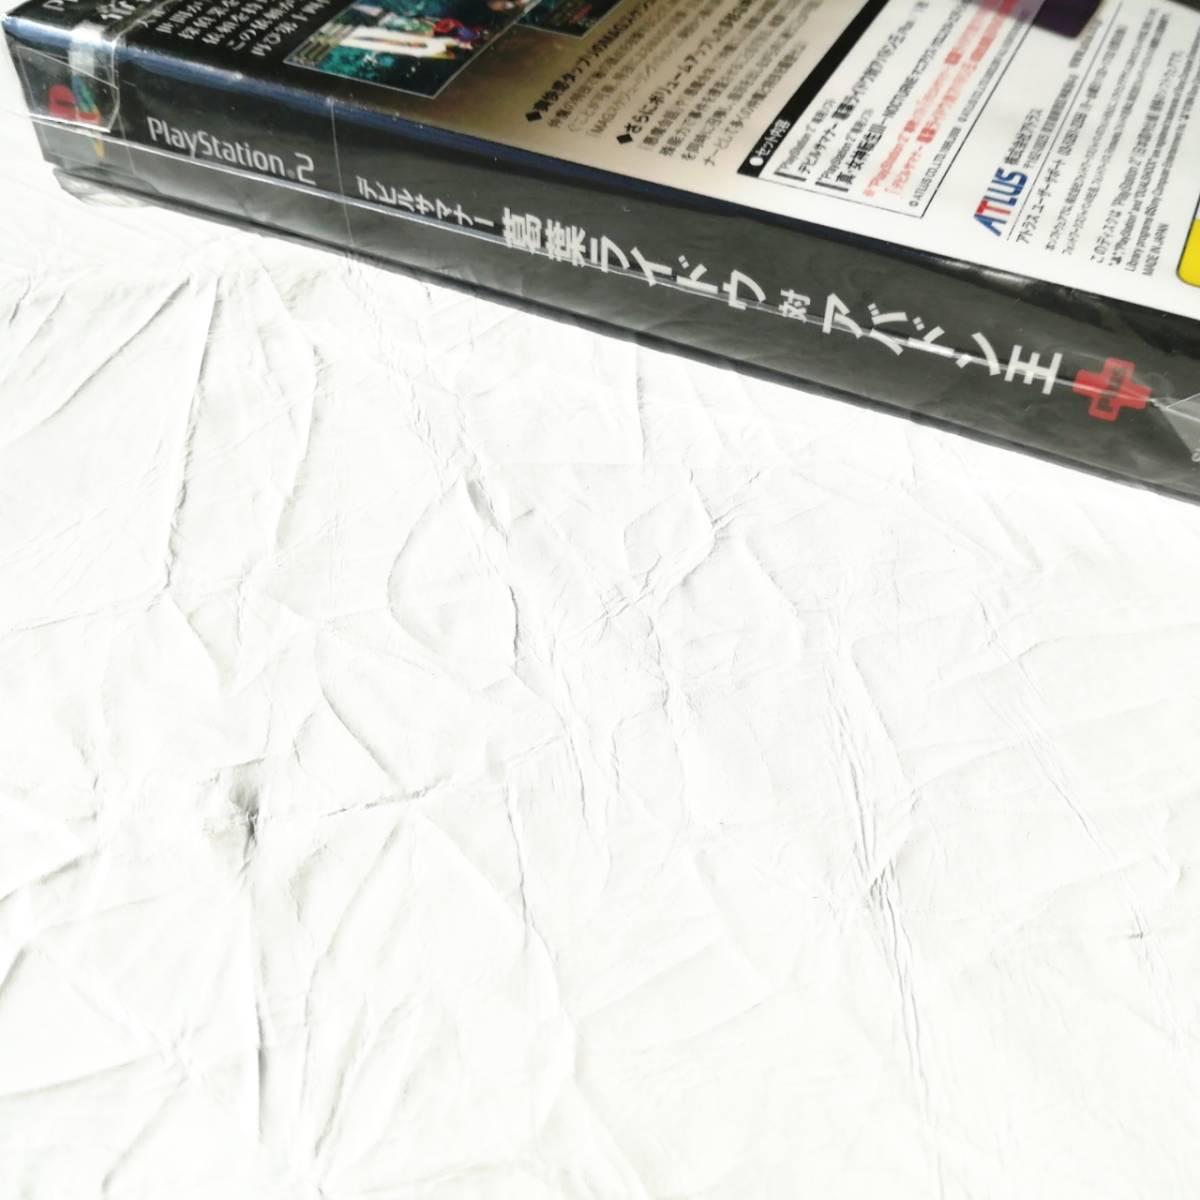 デビルサマナー 葛葉ライドウ対アバドン王 Plus【PS2】新品未開封★初回限定版(Plus版)★送料込み